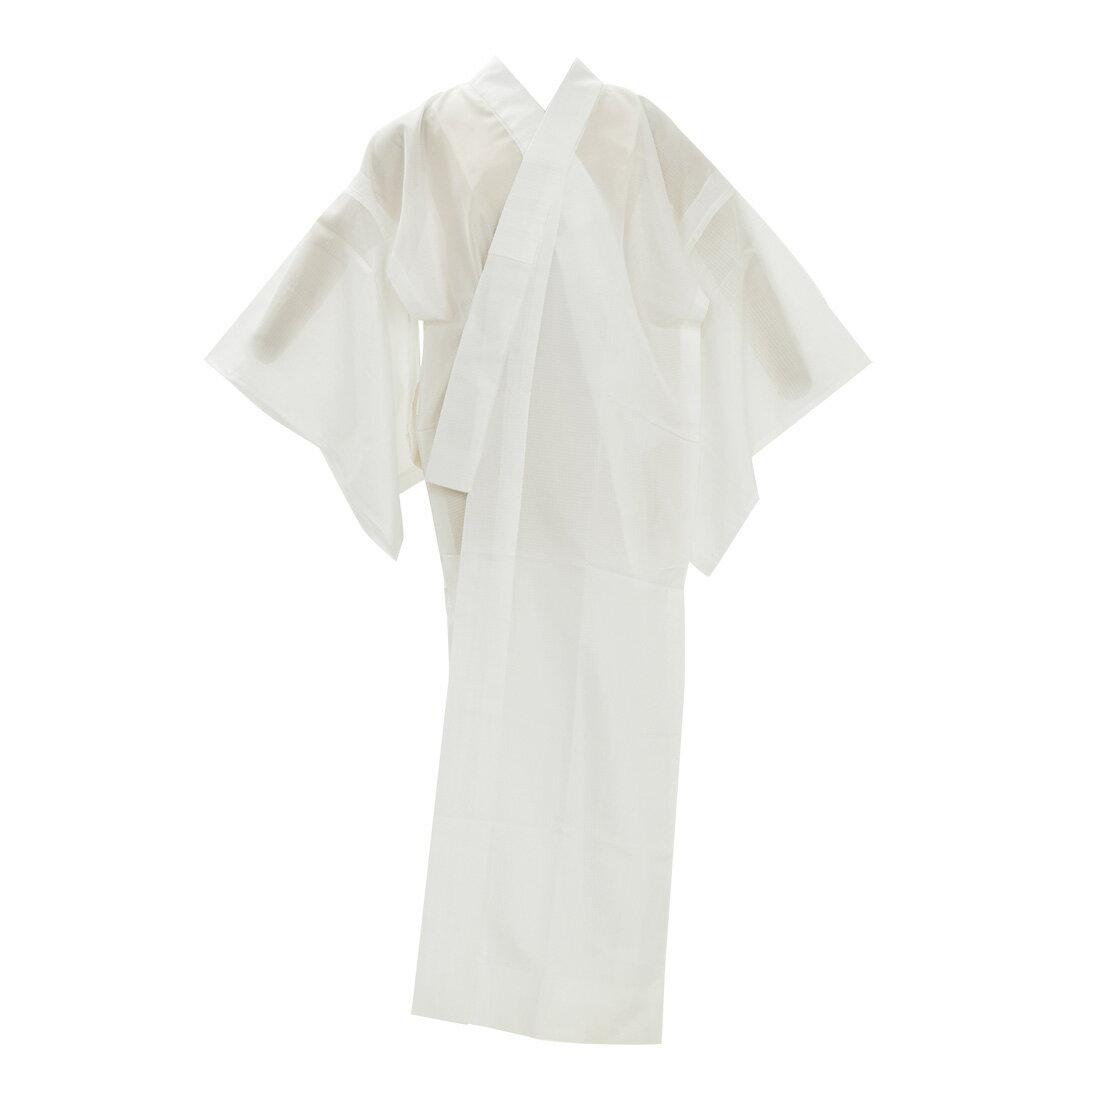 【襦袢/夏用】平絽 洗える長襦袢/単衣・薄物用 白 お仕立て上がり品【宅配便のみ】『10』在庫品